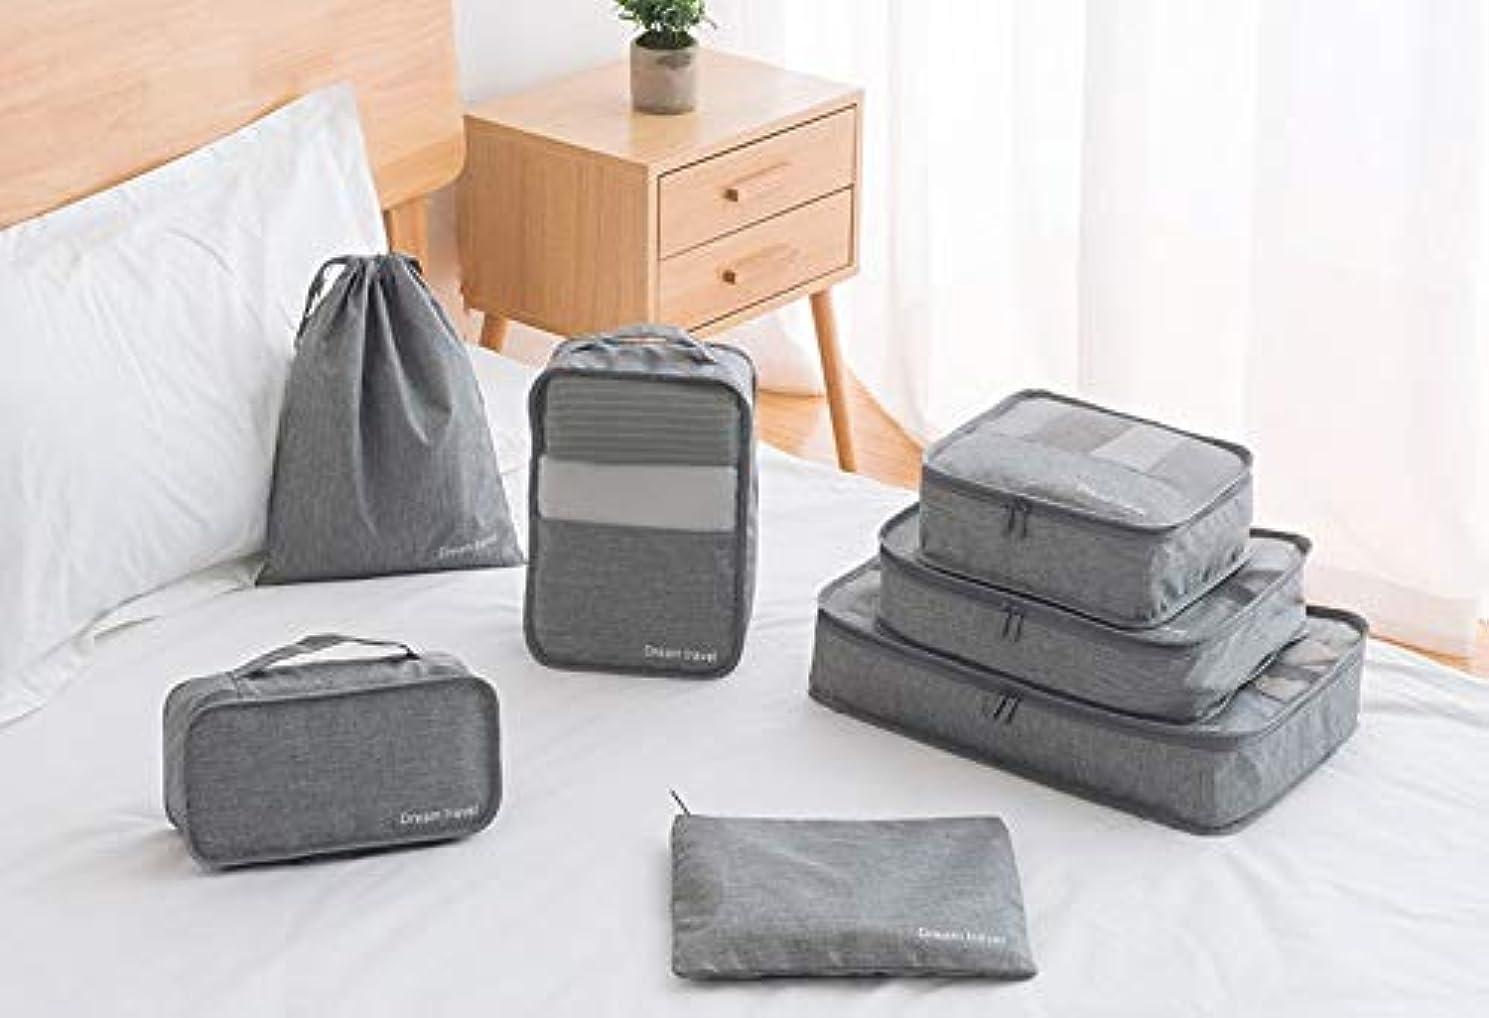 優先バトルスイChaopeng 化粧バッグ、旅行収納バッグ7個セット、携帯用大容量荷物防水服サブパッケージ、男性と女性のウォッシュバッグ (Color : グレー)